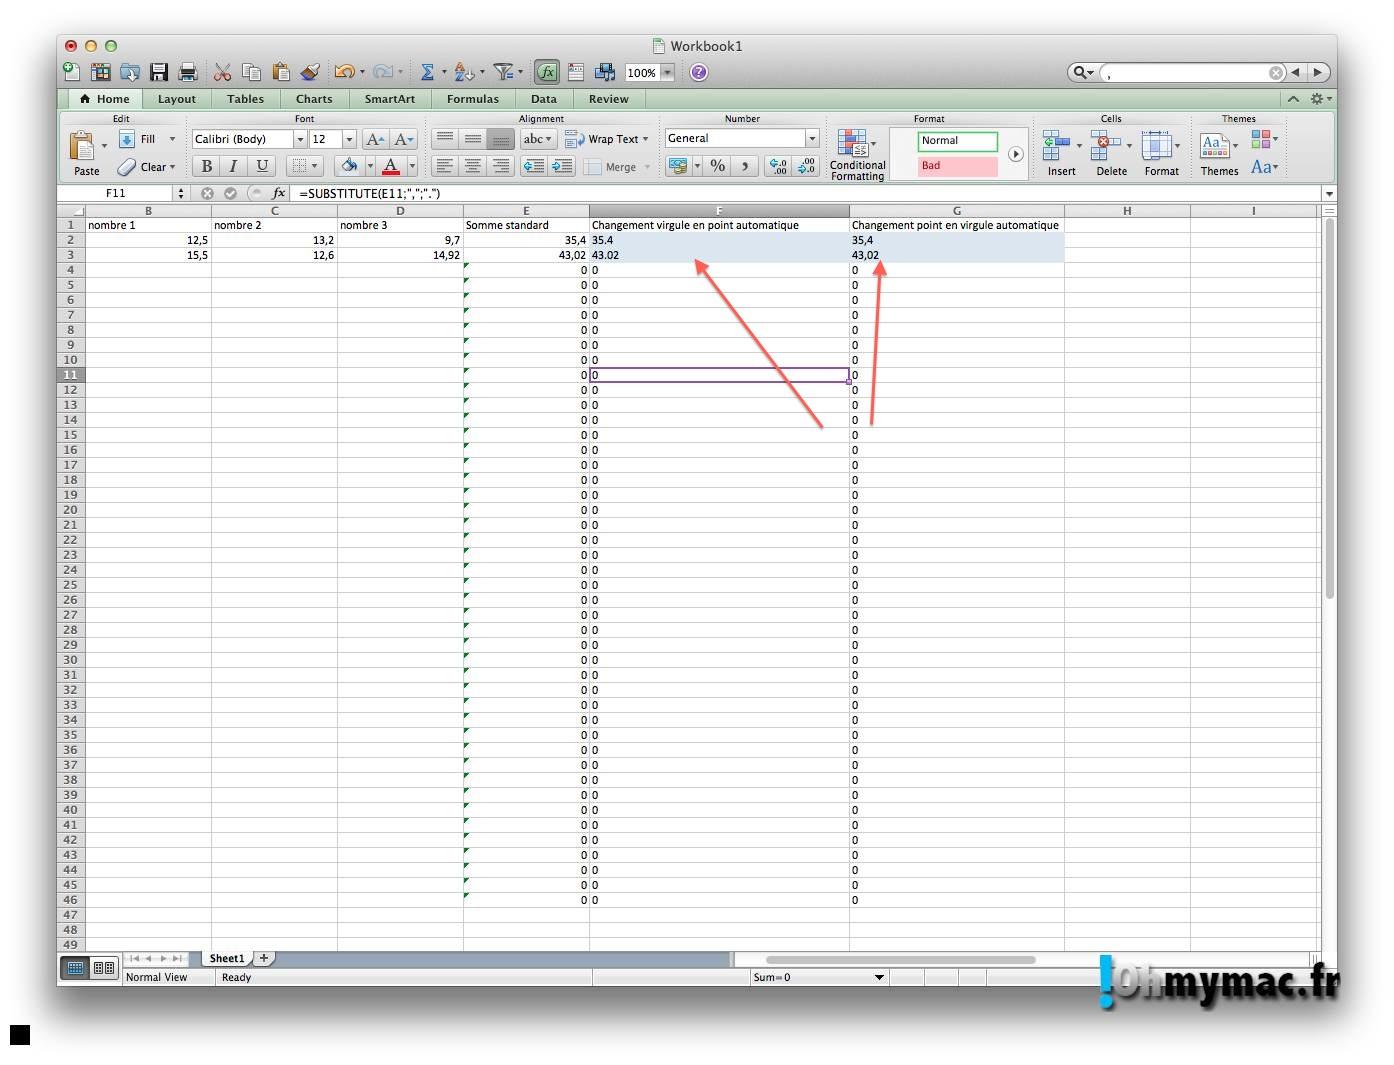 Ohmymac Séparateur décimal sur Excel 2011 Mac 10